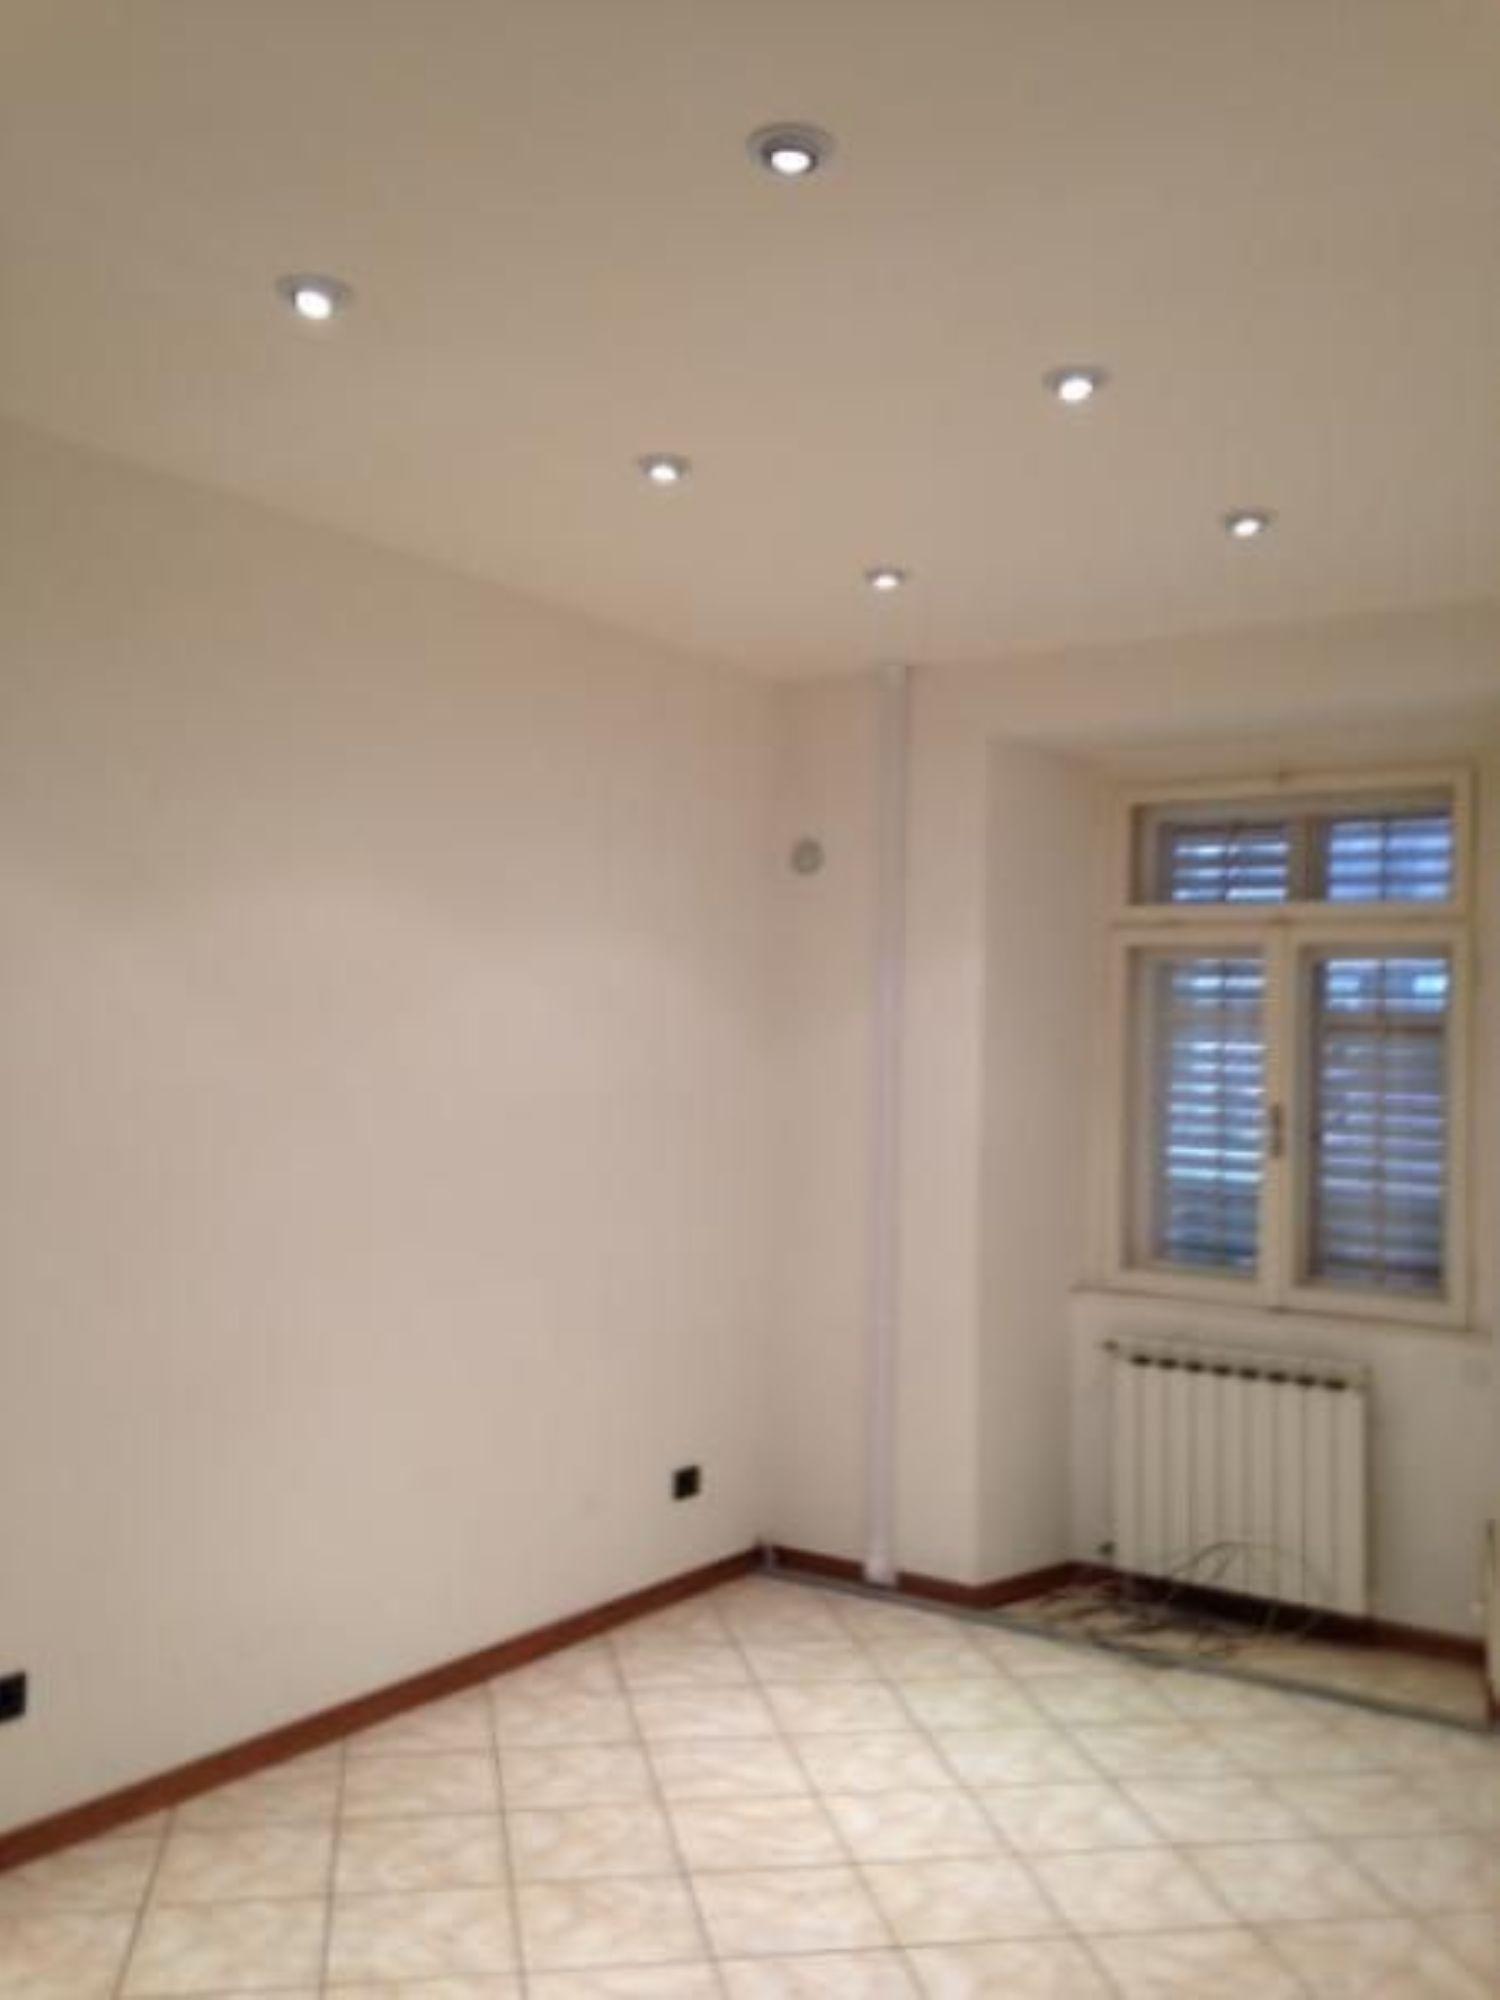 Appartamento in affitto a Trieste, 3 locali, prezzo € 600 | Cambio Casa.it